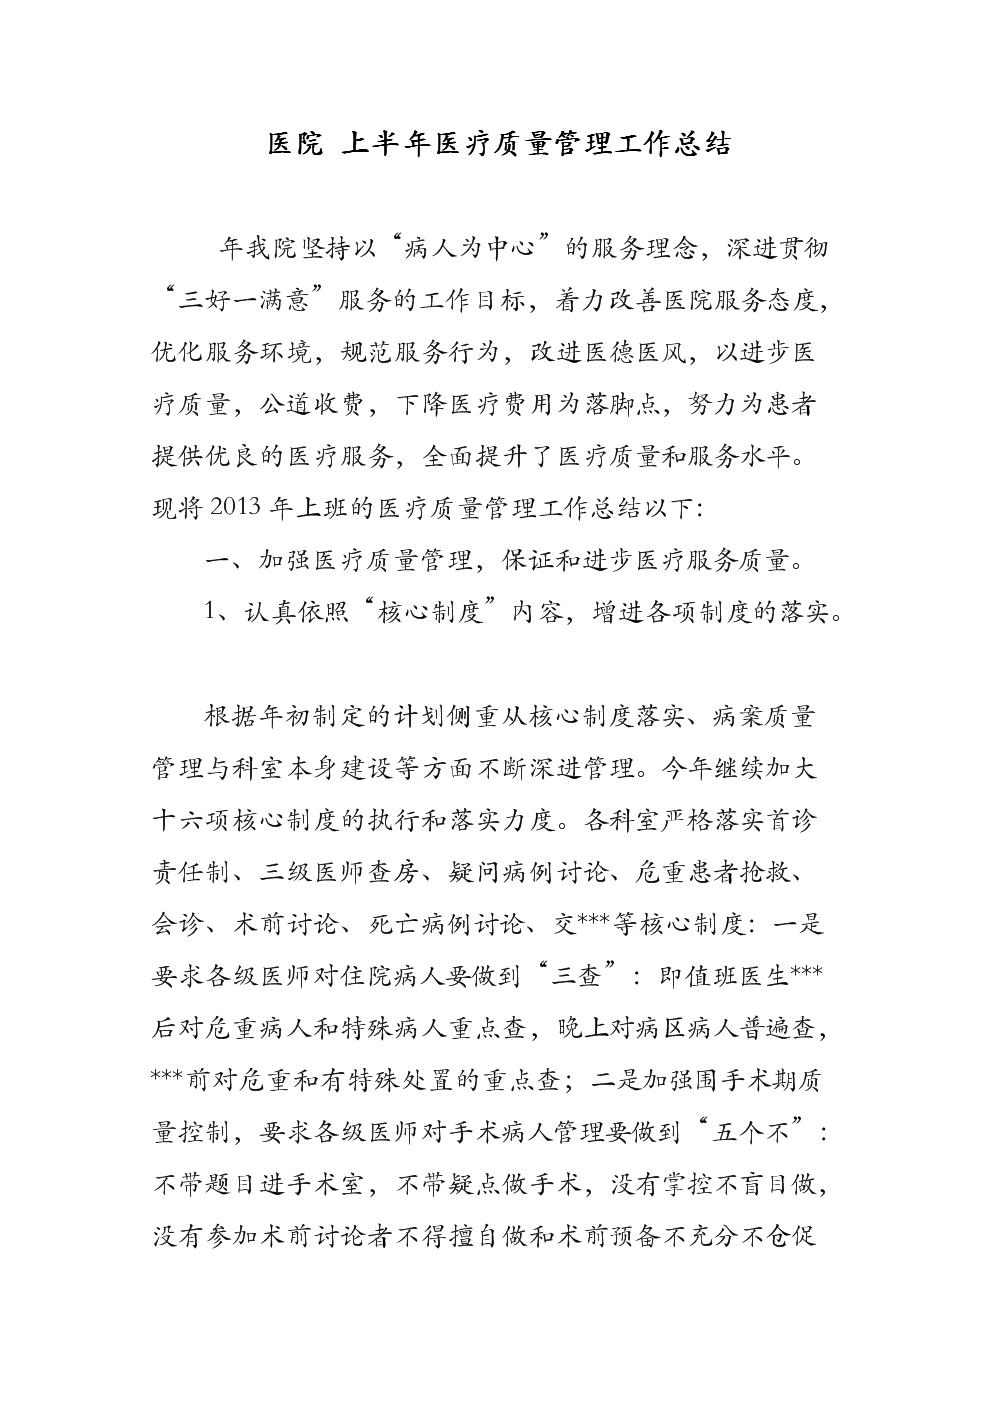 医院 上半年医疗质量管理工作总结.doc